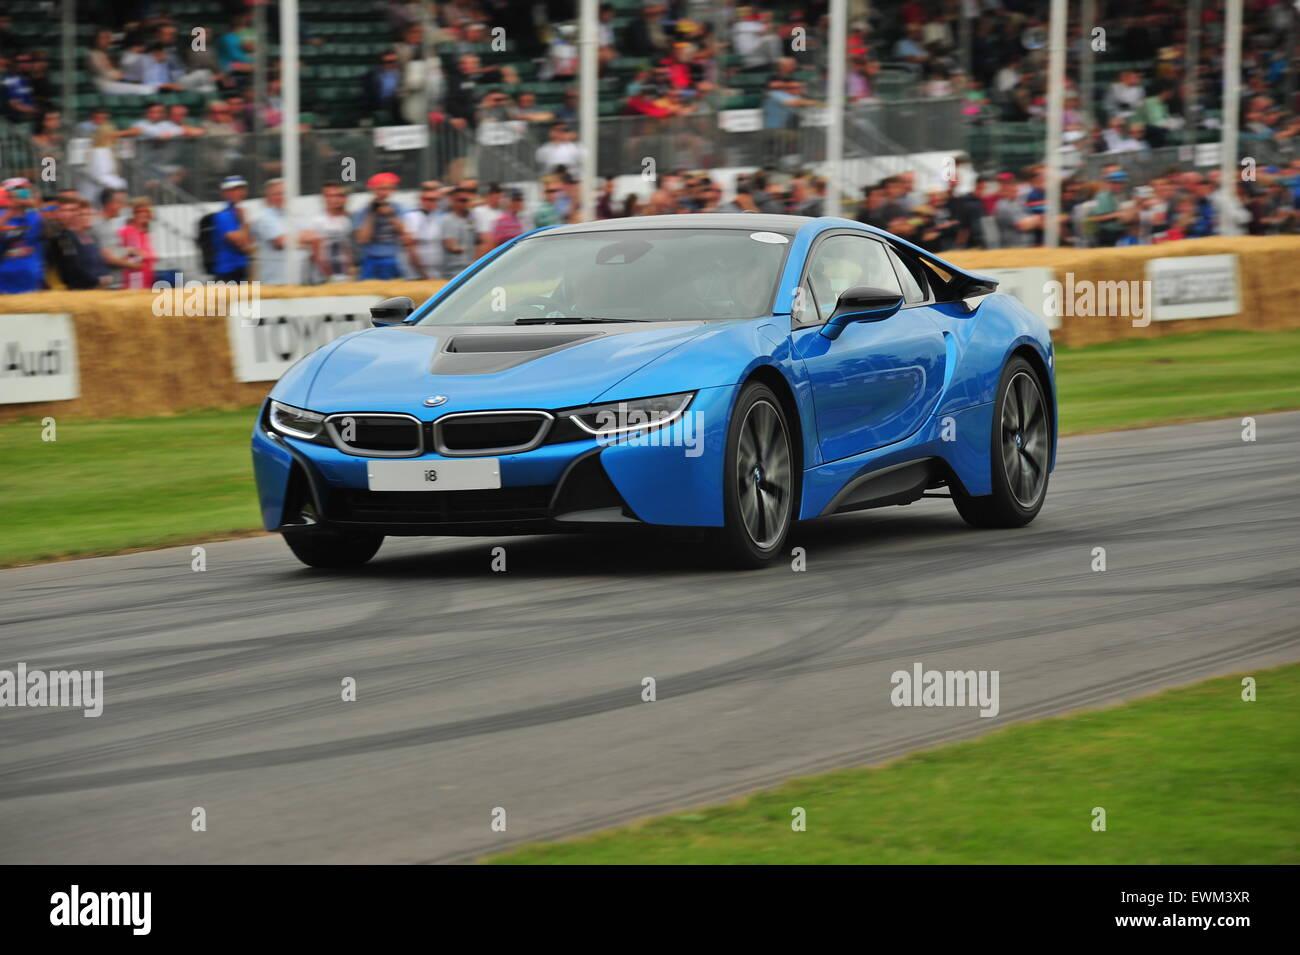 Un híbrido BMW i8 en el Festival de Velocidad de Goodwood. Conductores de carreras, celebridades y miles de Imagen De Stock